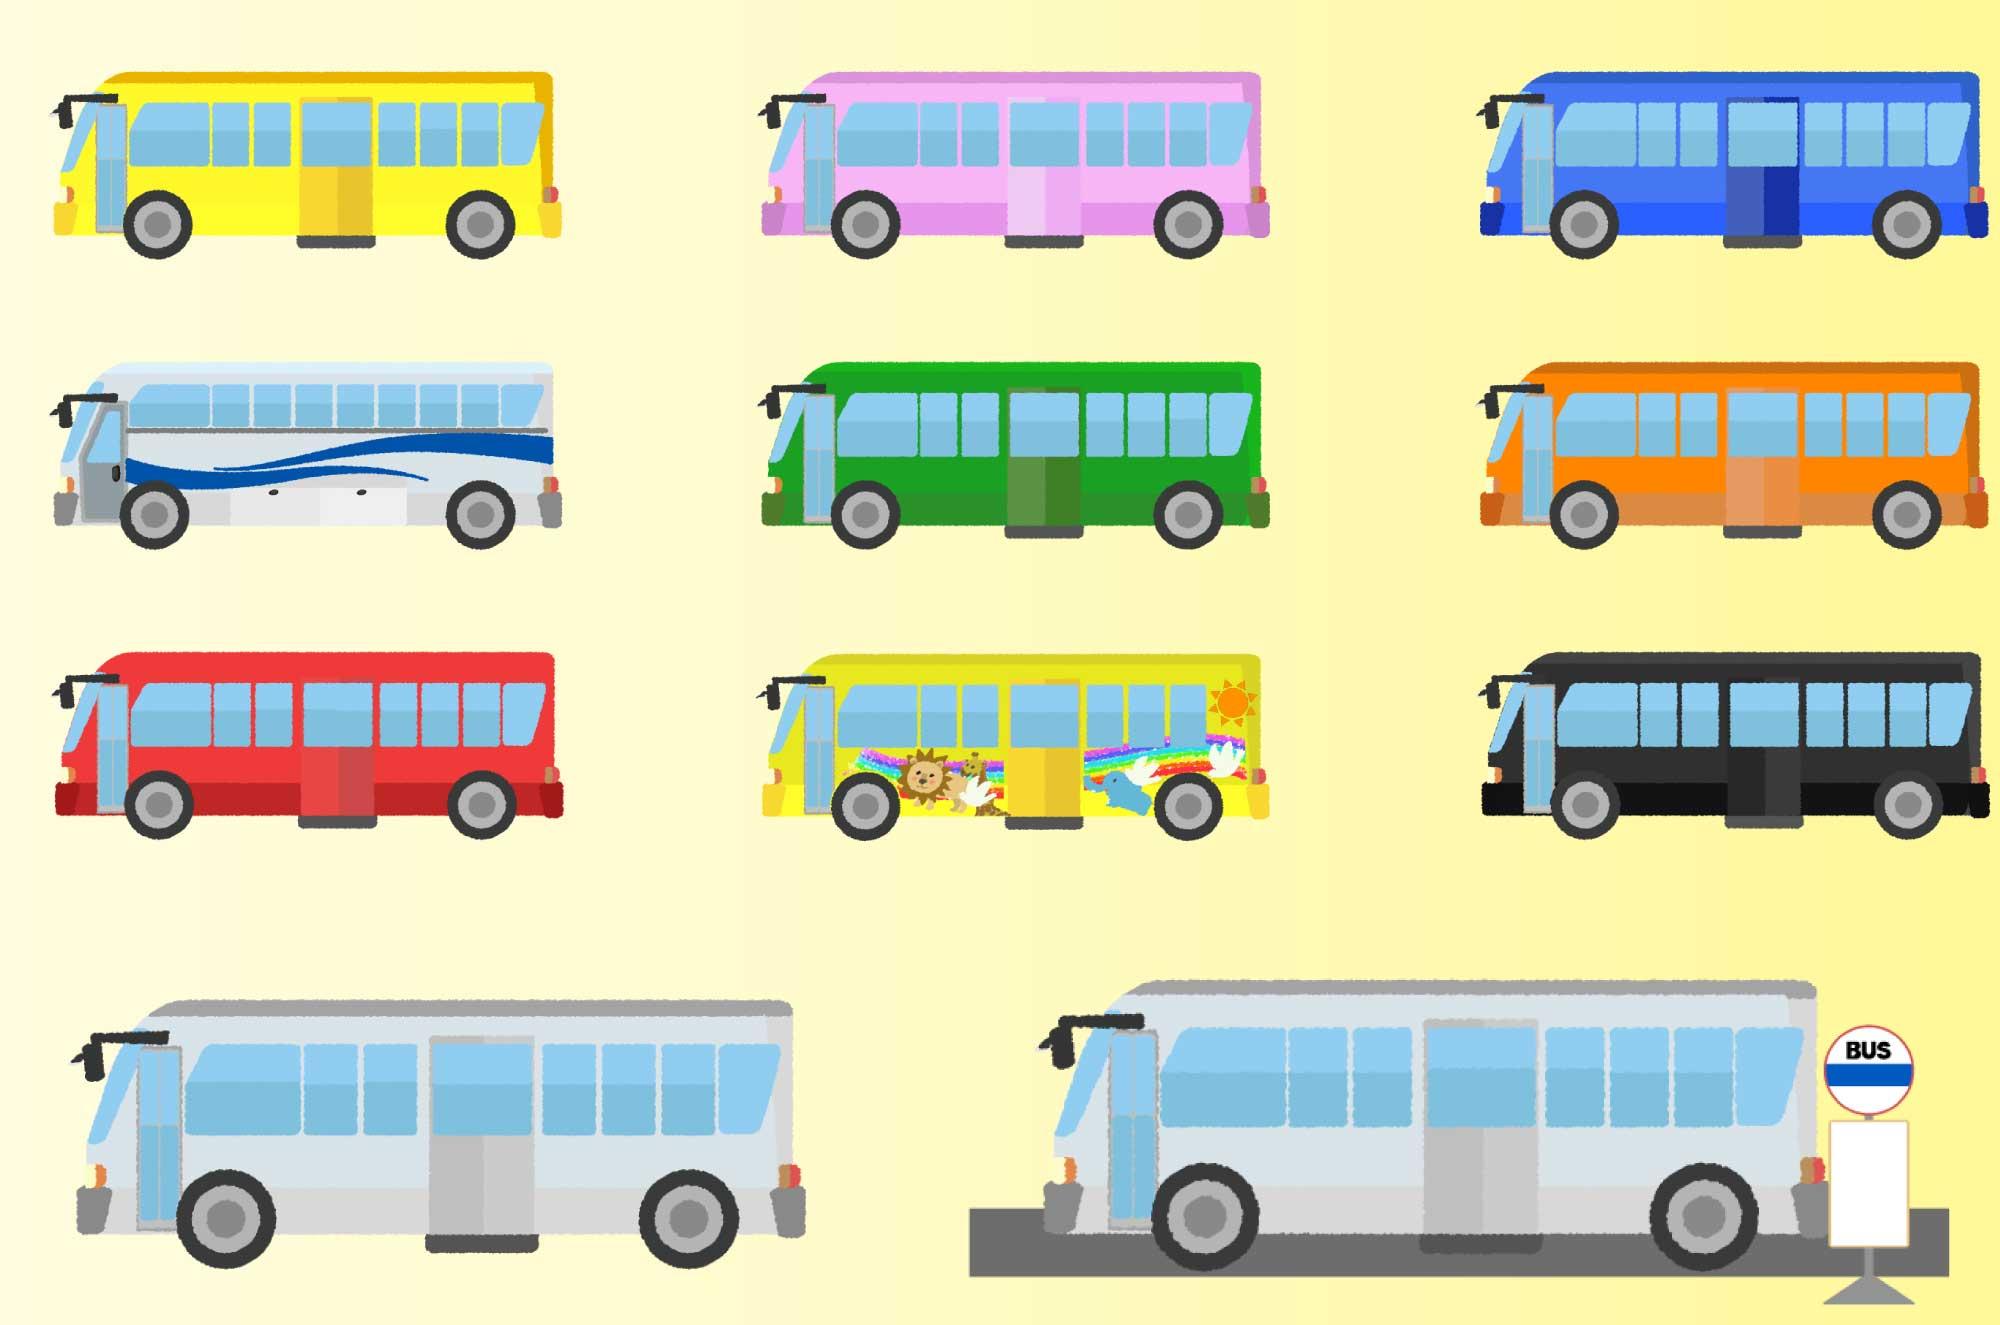 可愛いバスのイラスト - 無料のカラフル乗り物素材 - チコデザ